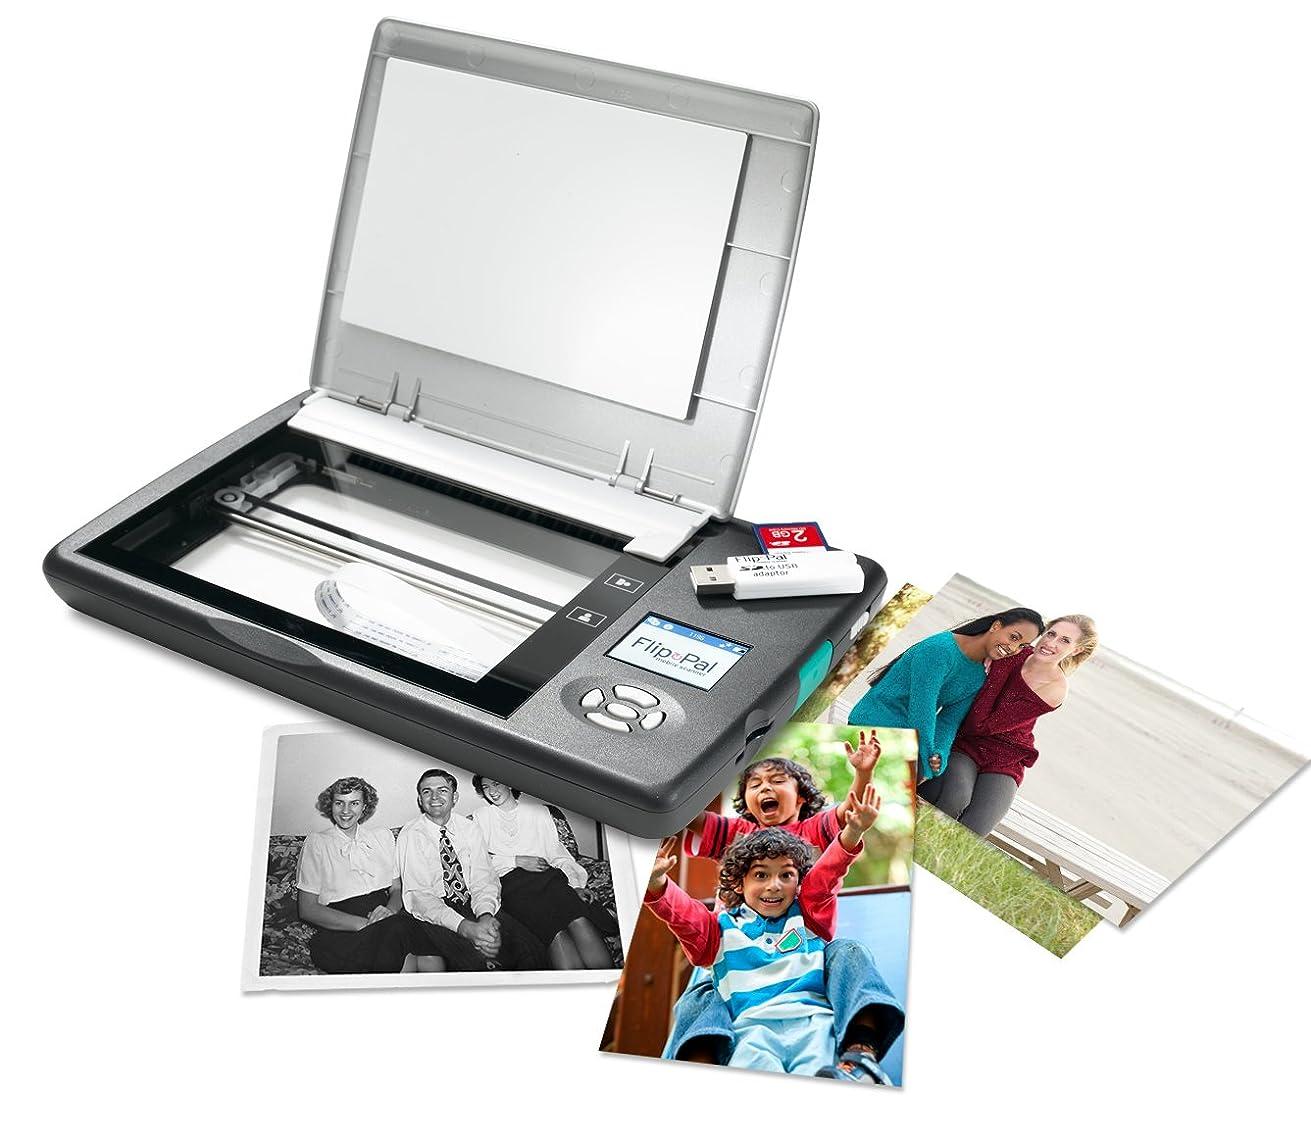 好きである模索性差別Flip-Pal Mobile Scanner with SD to USB adaptor, 4GB, and EasyStitch and StoryScans software